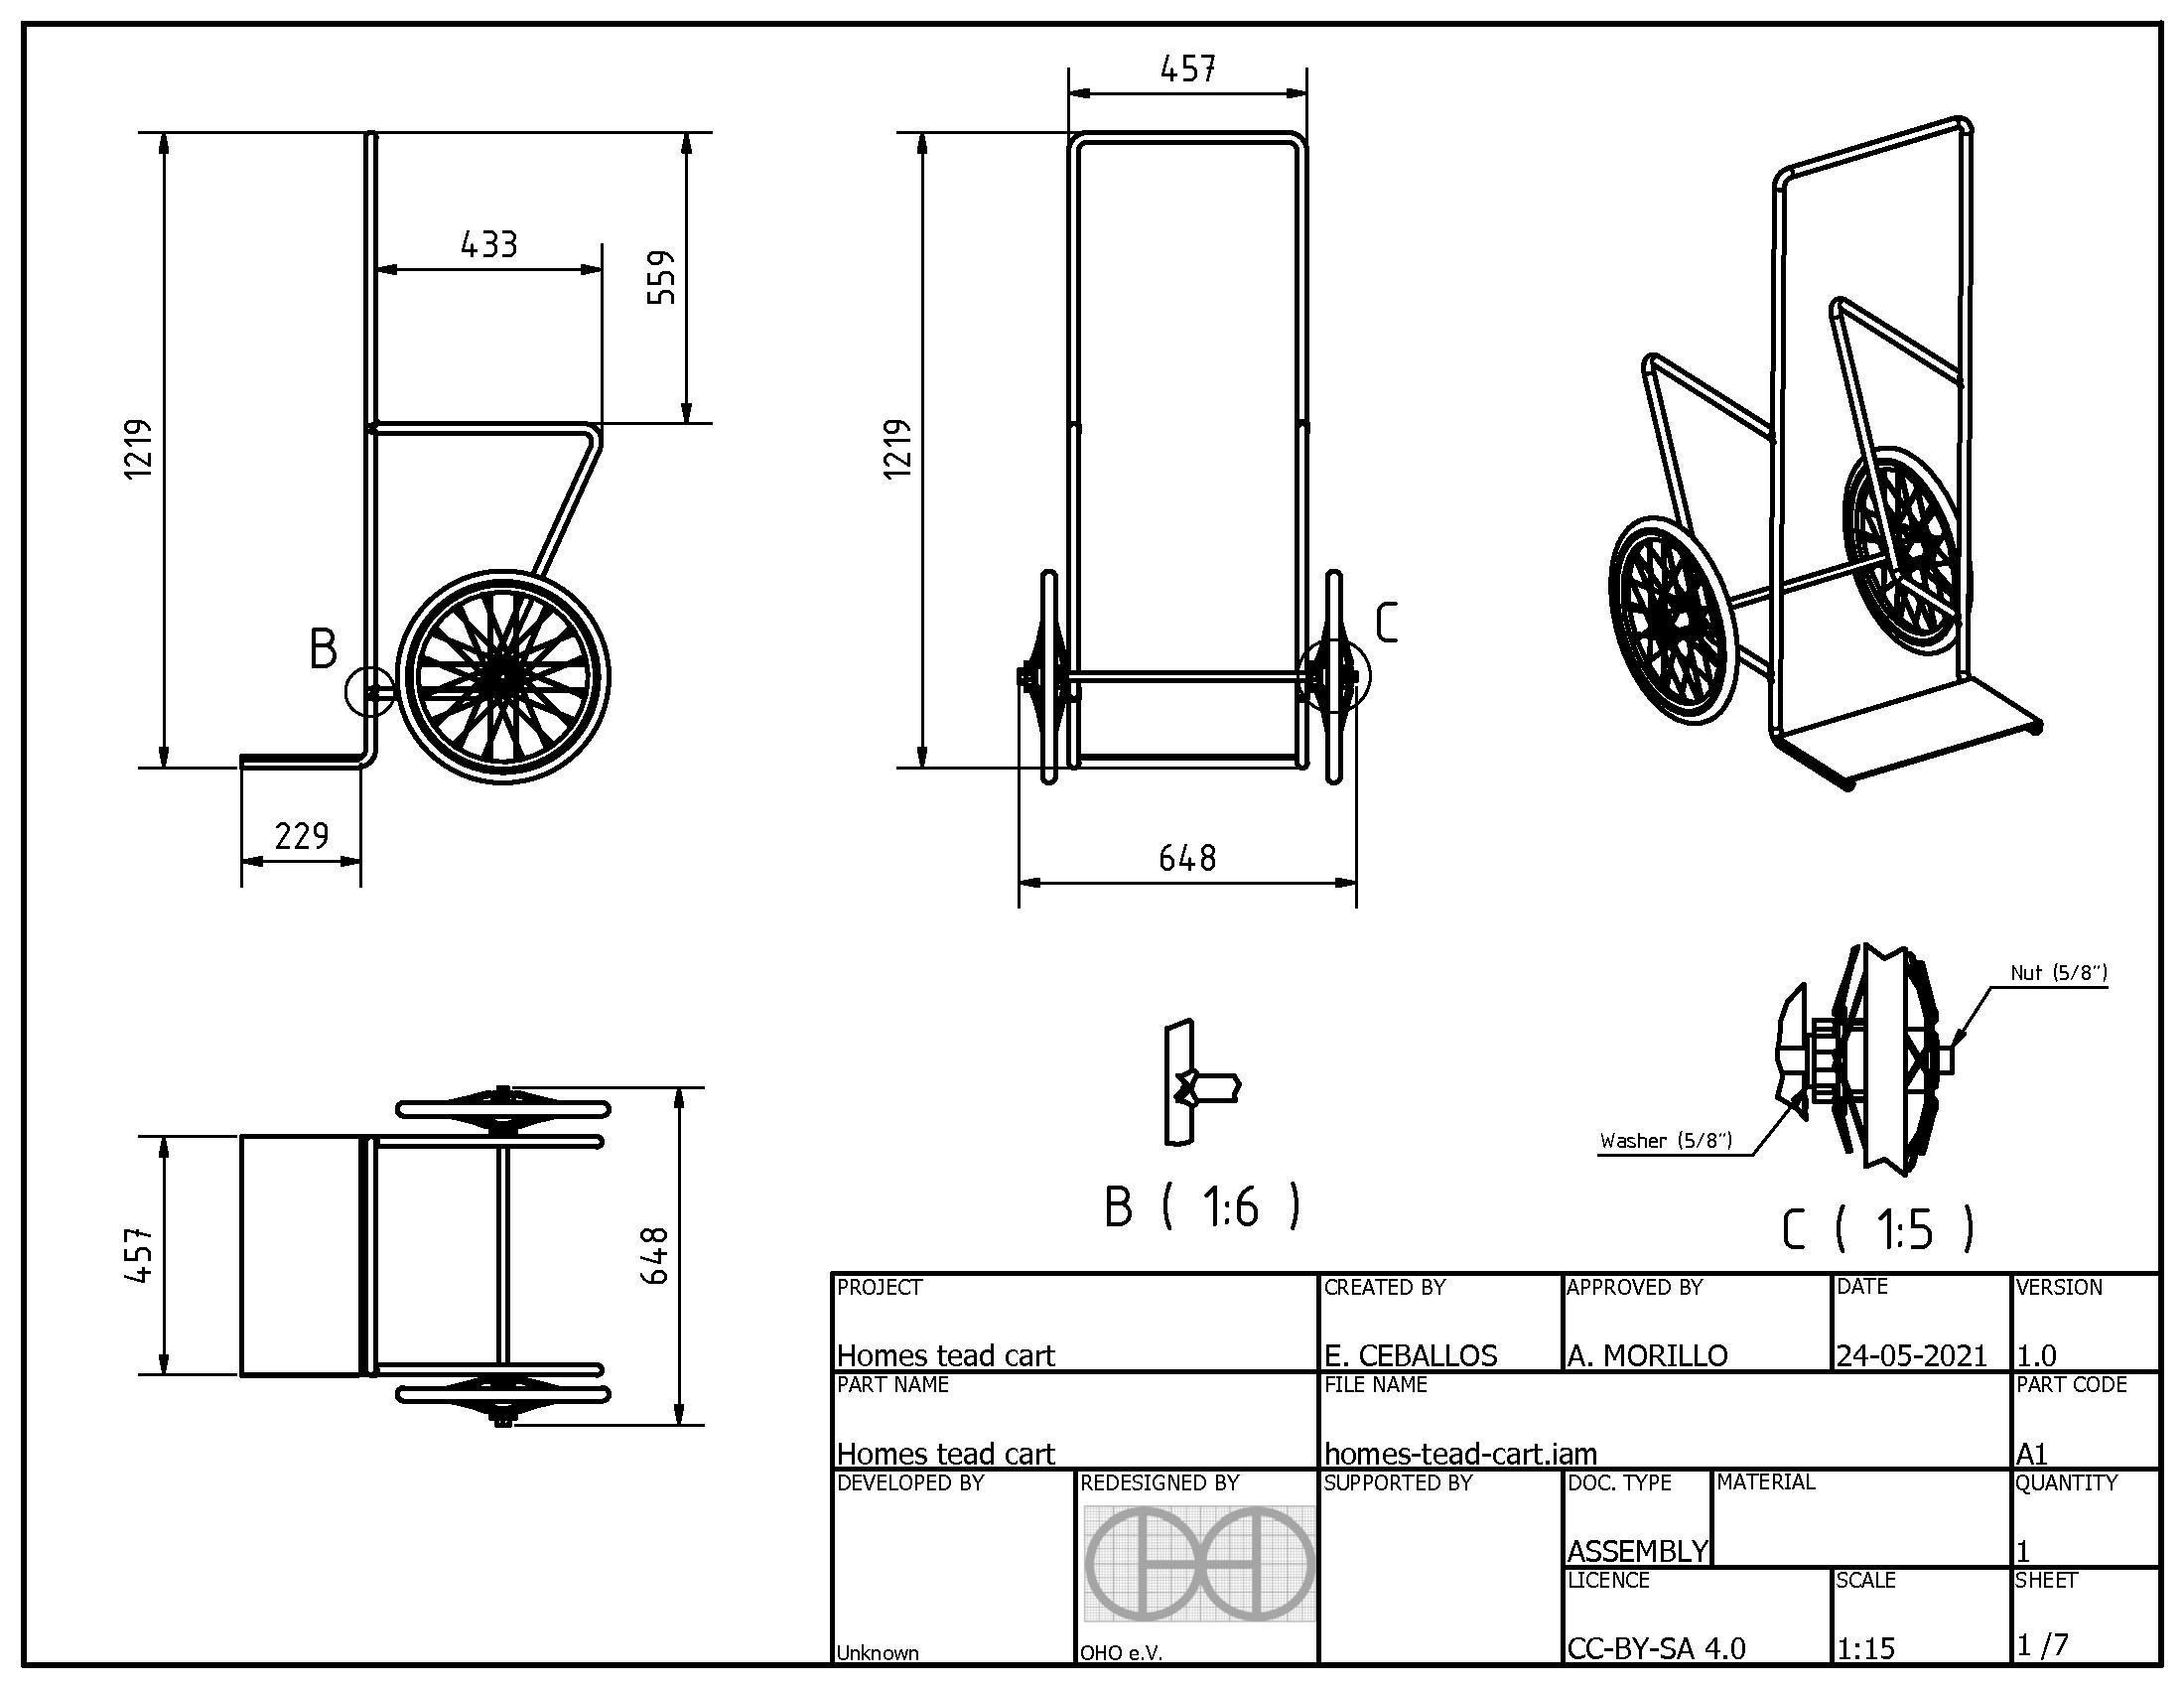 Oho hc A1 Homes tead cart 001.jpg